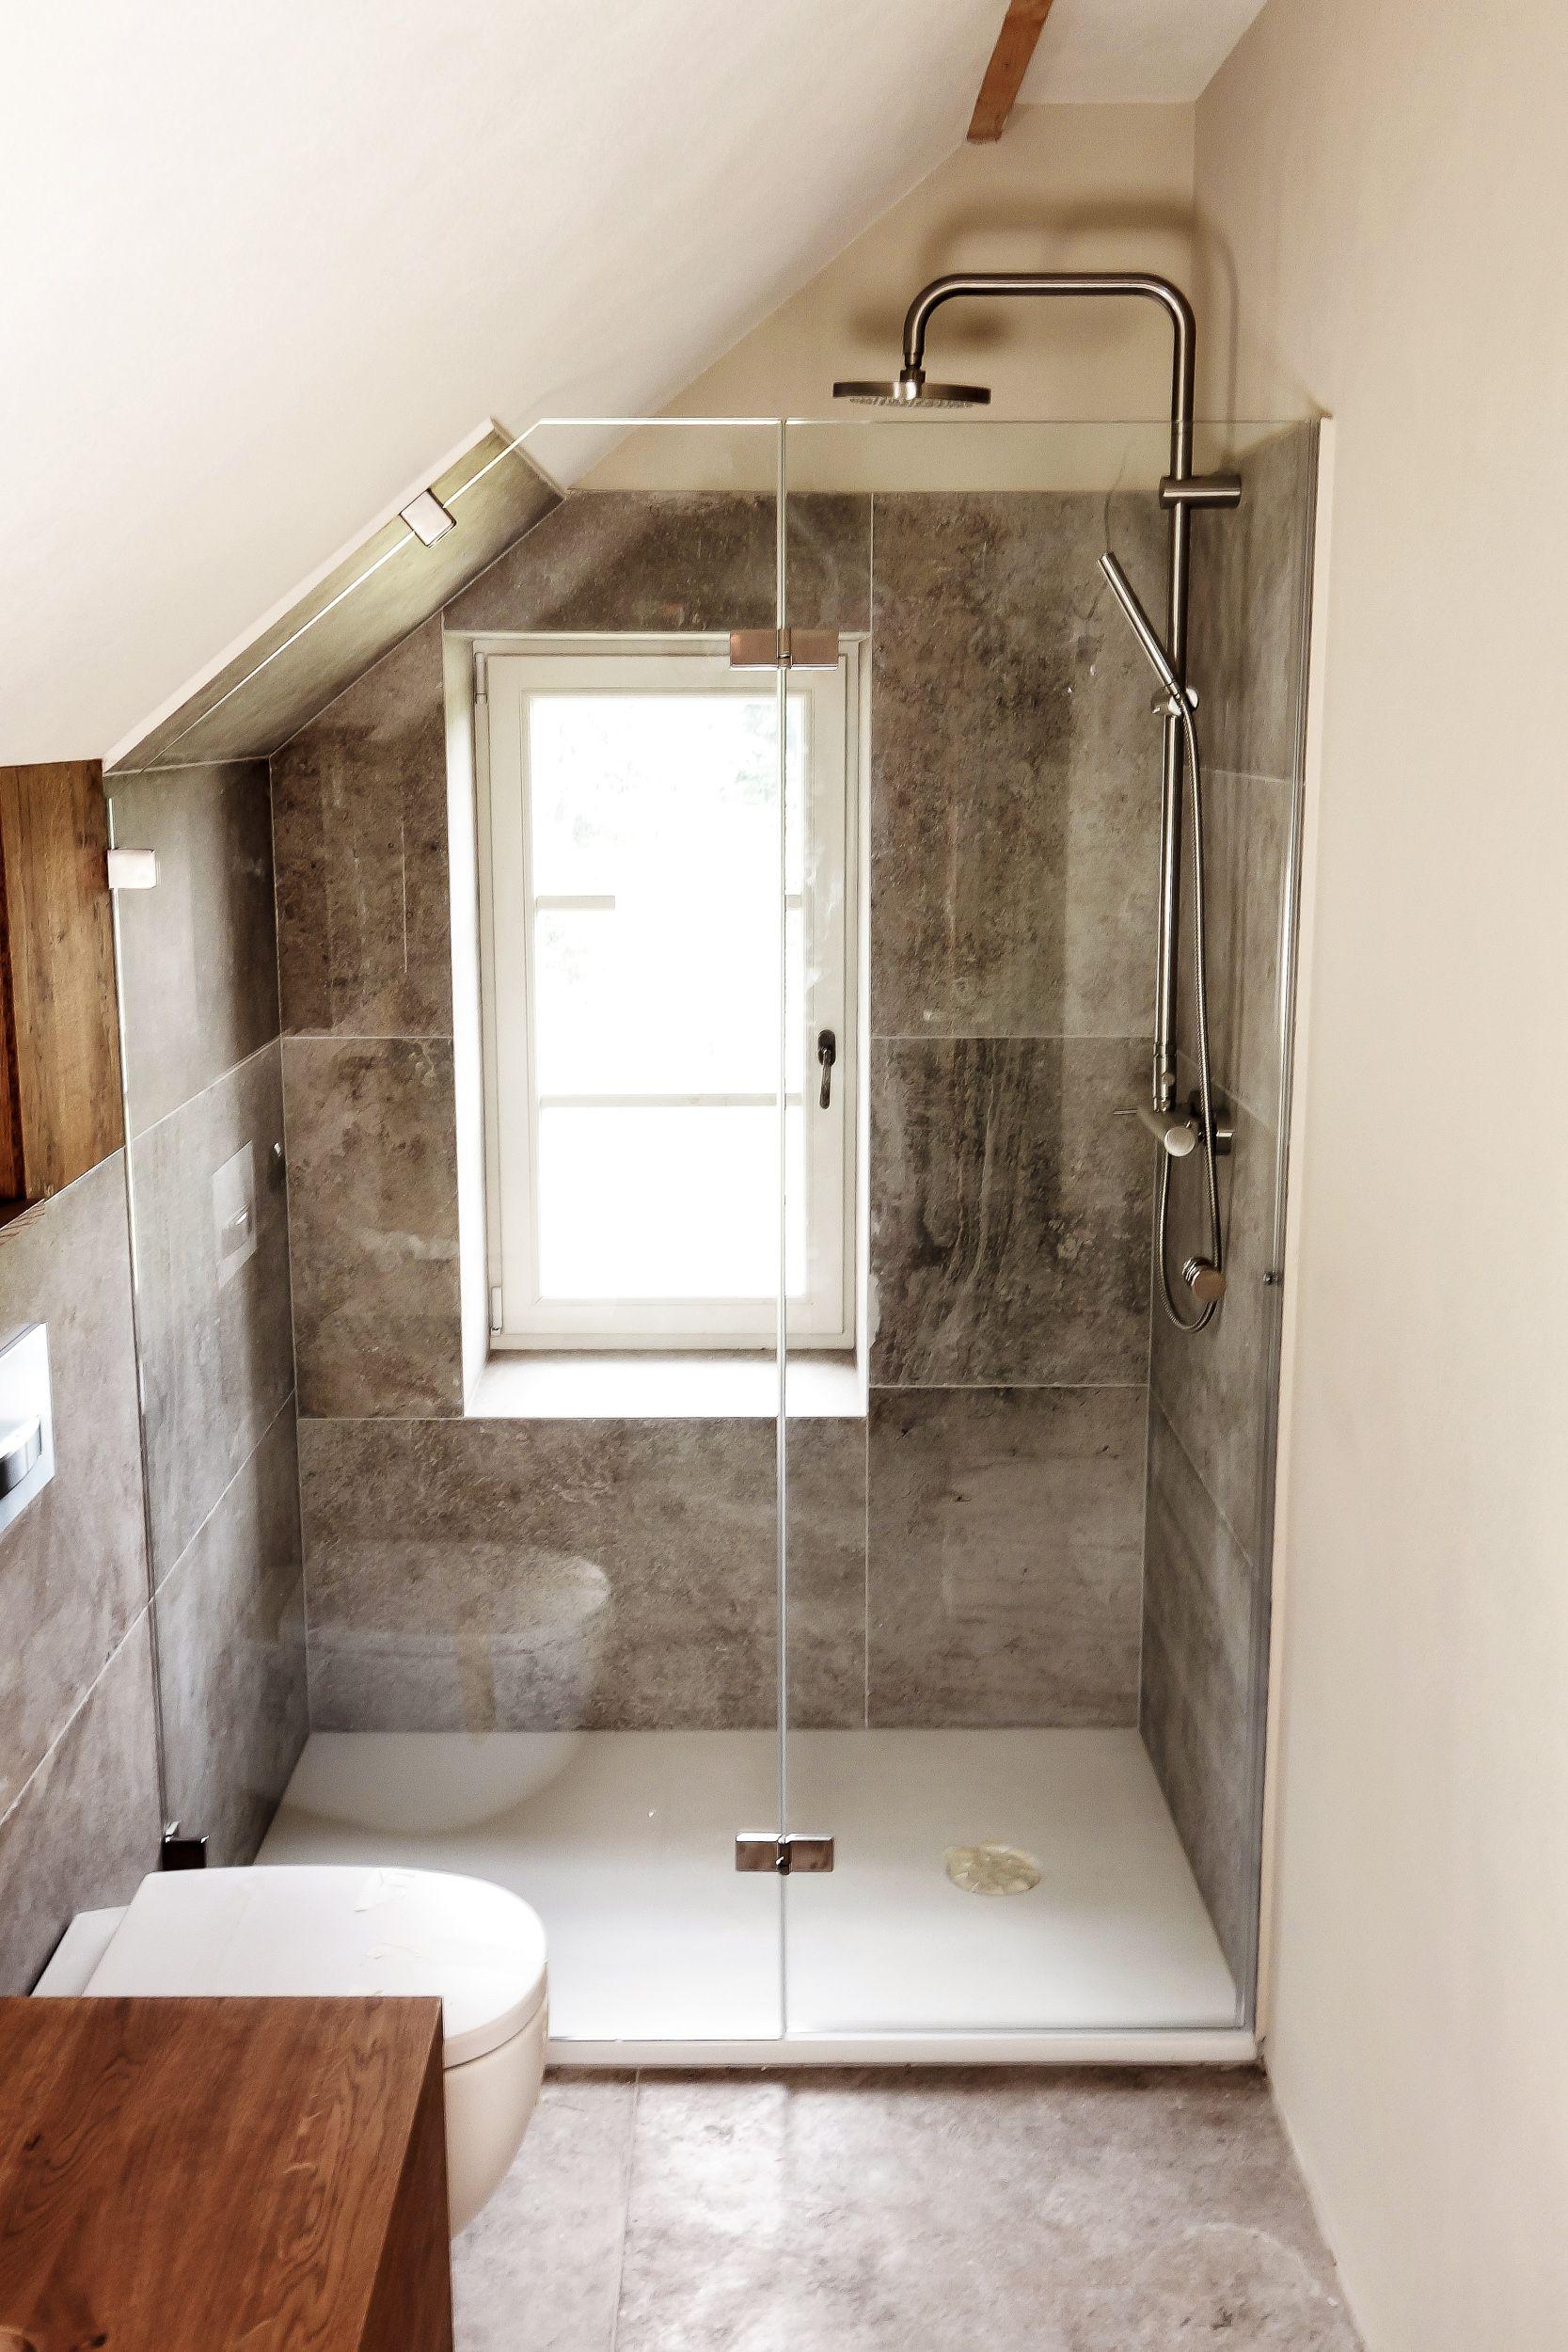 Massgefertigte Begehbare Dusche Mit Dachschrage Badezimmer Dachschrage Begehbare Dusche Badezimmer Dachgeschoss